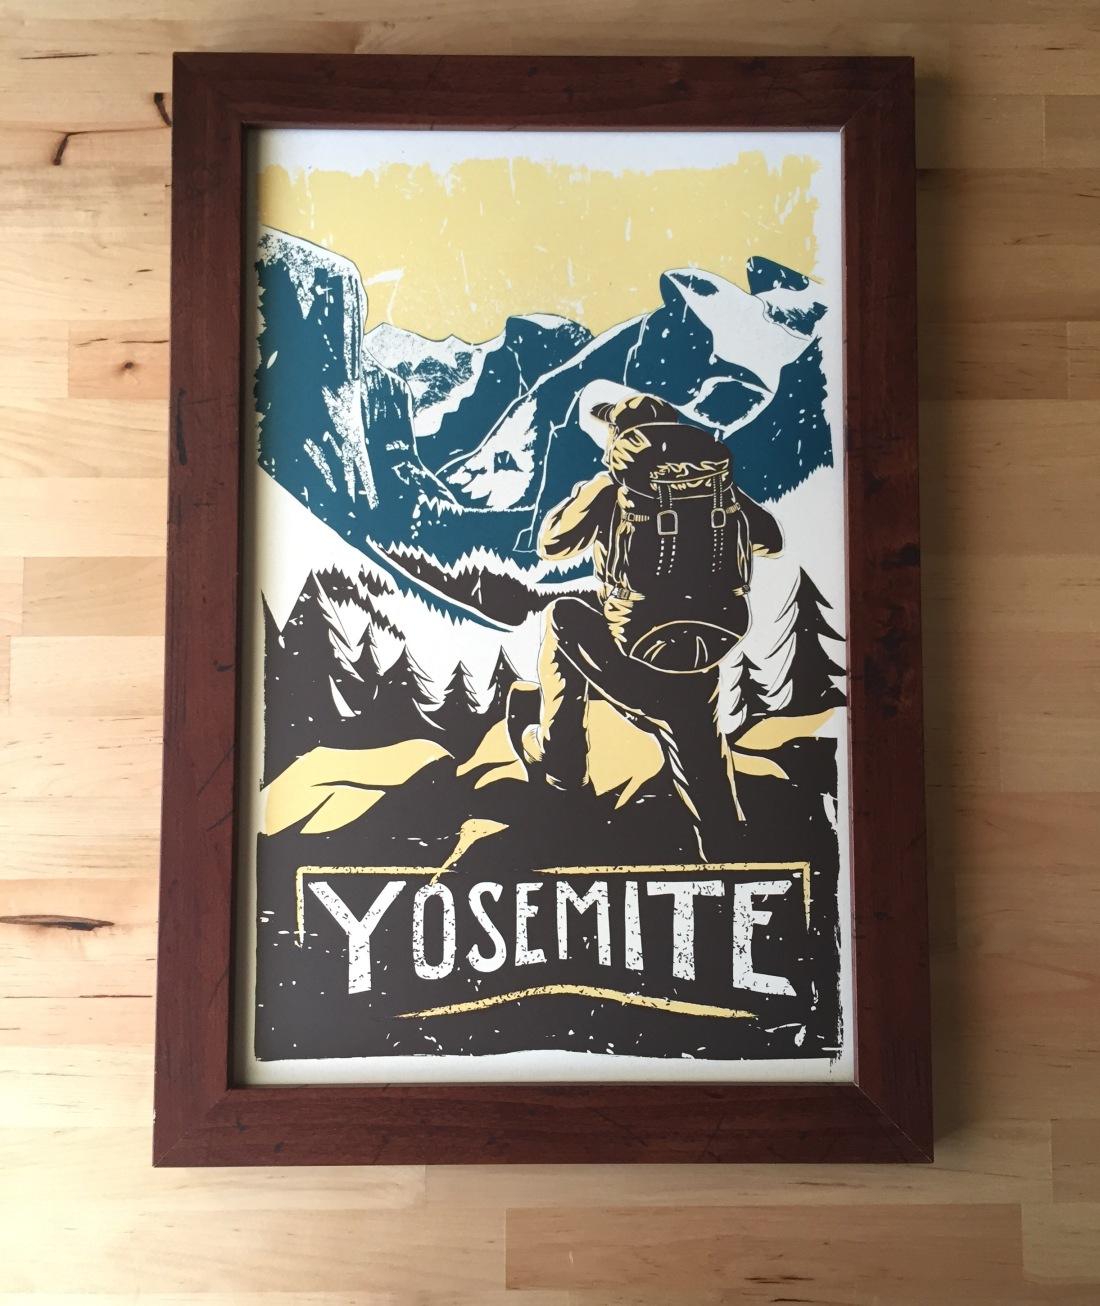 Yosemite by Robert Olson